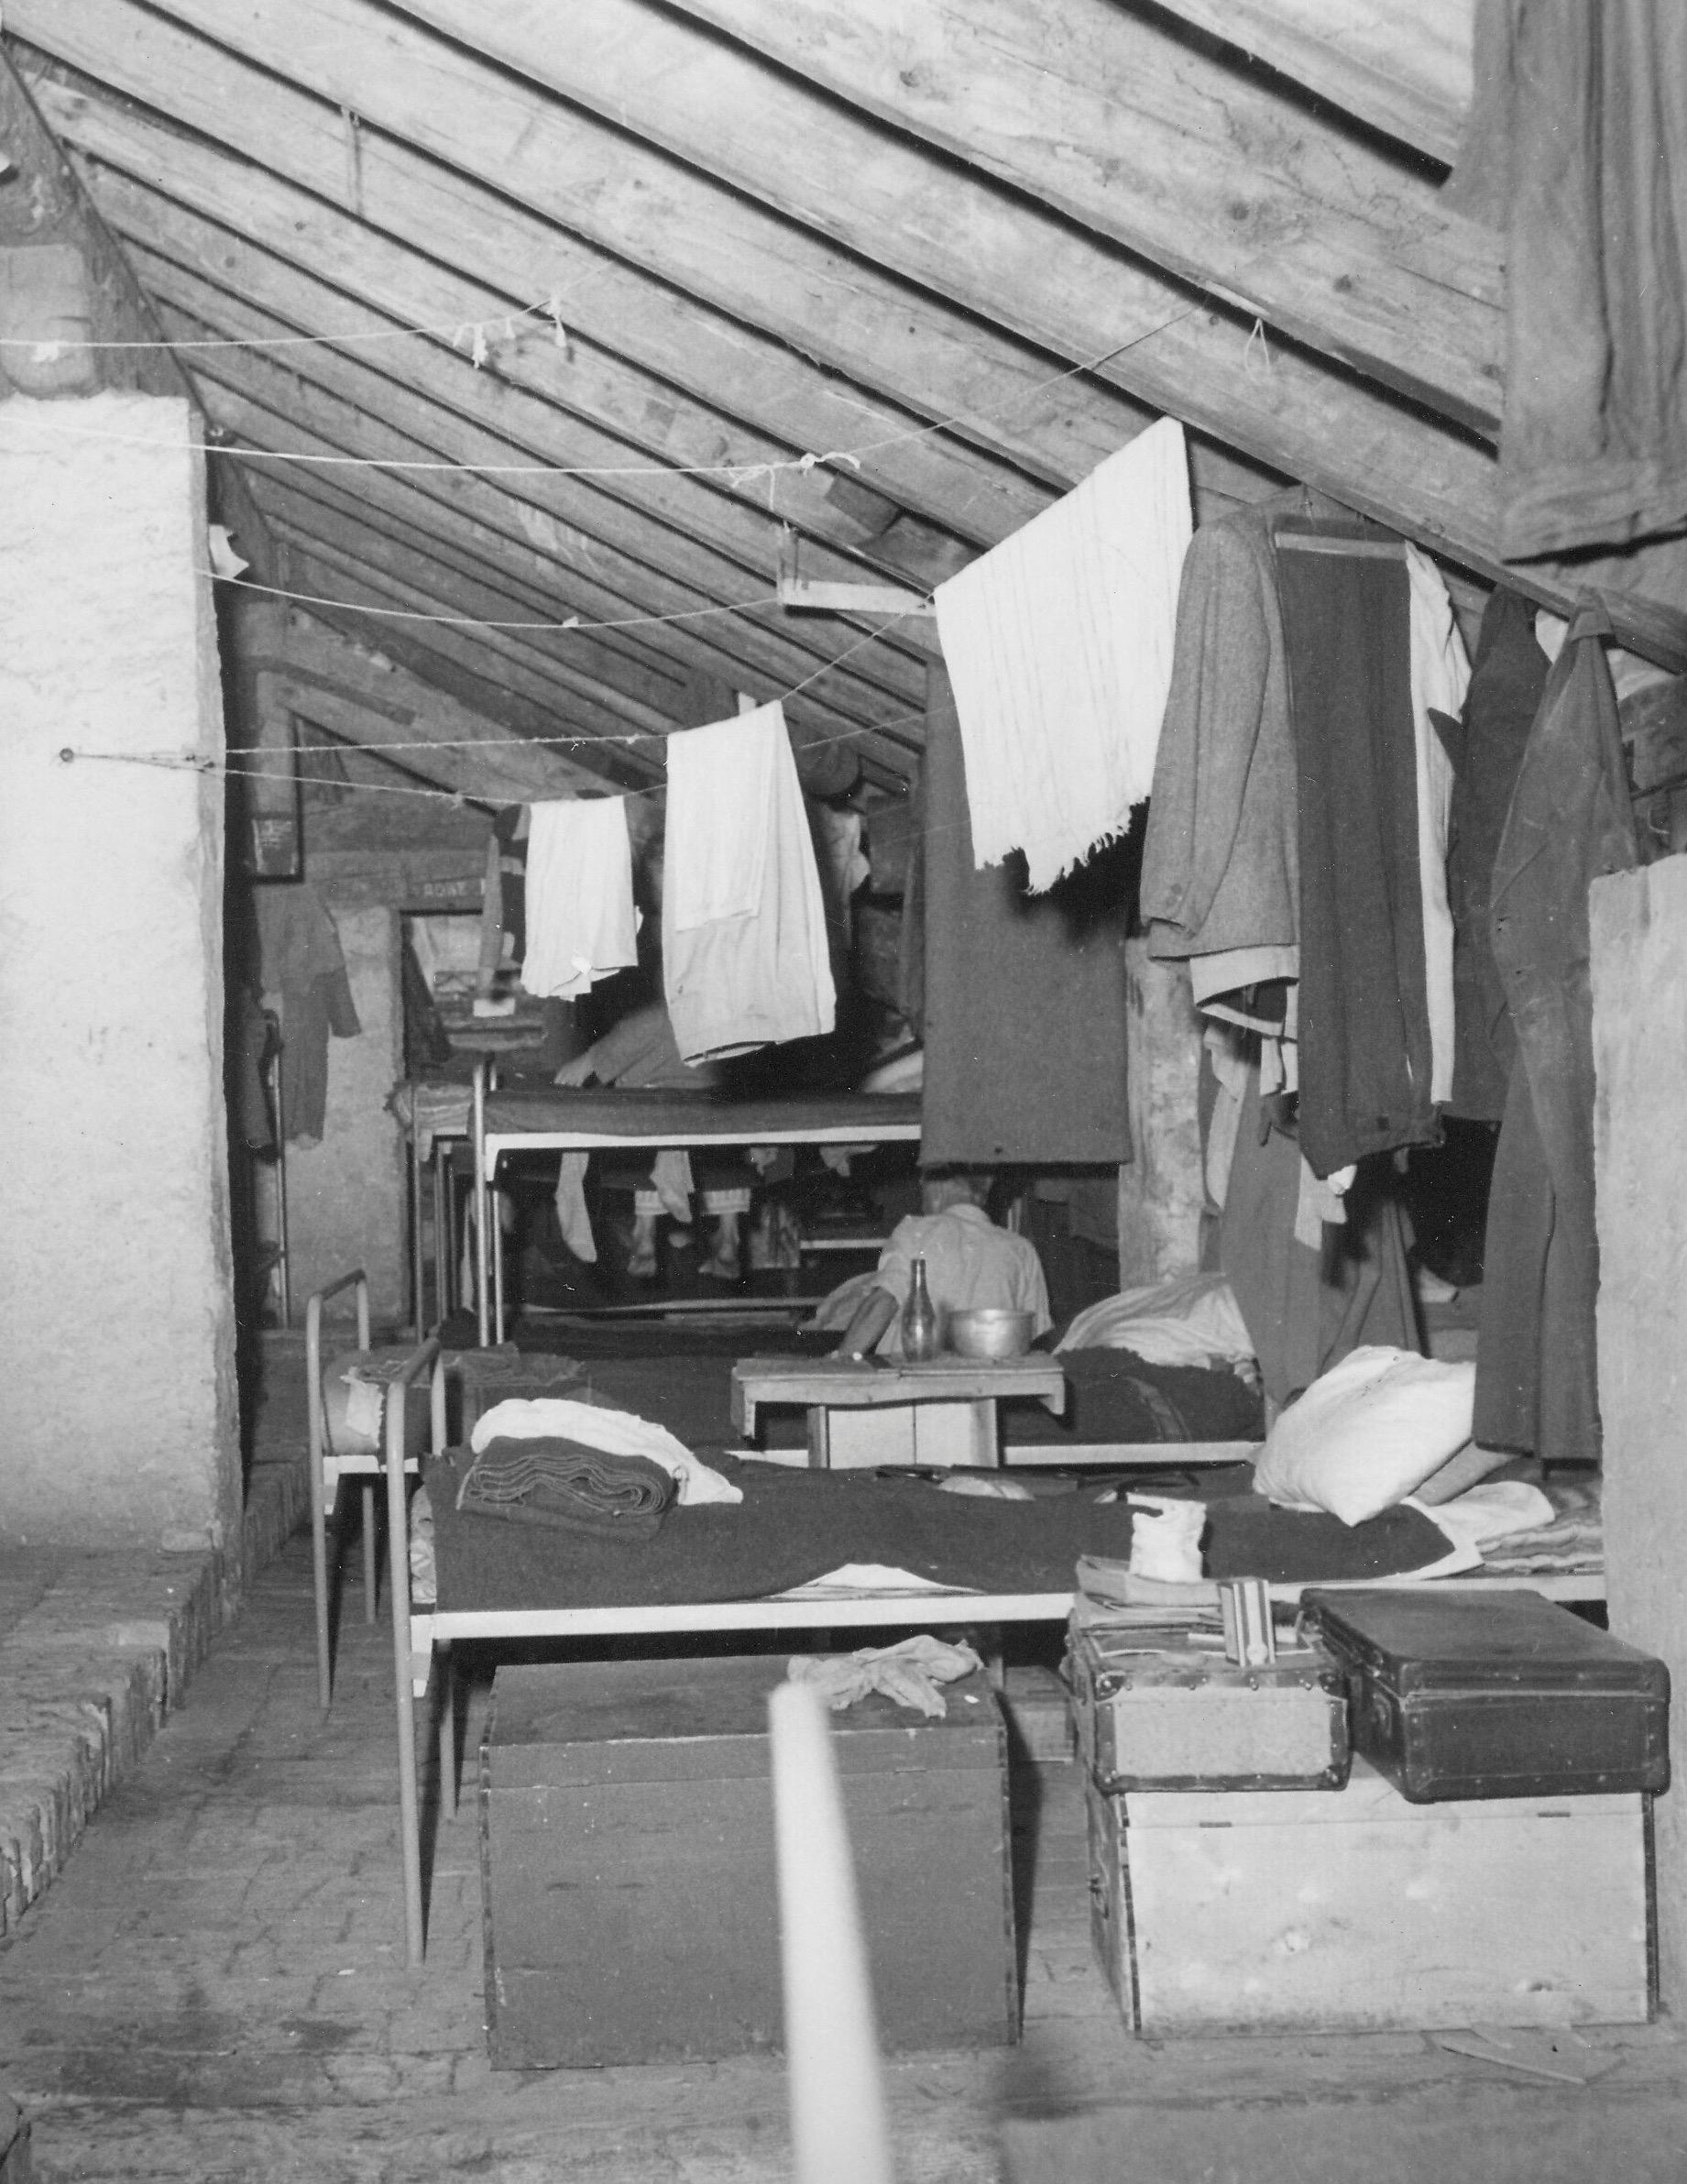 Gesuiti camp, attics 1950-1951